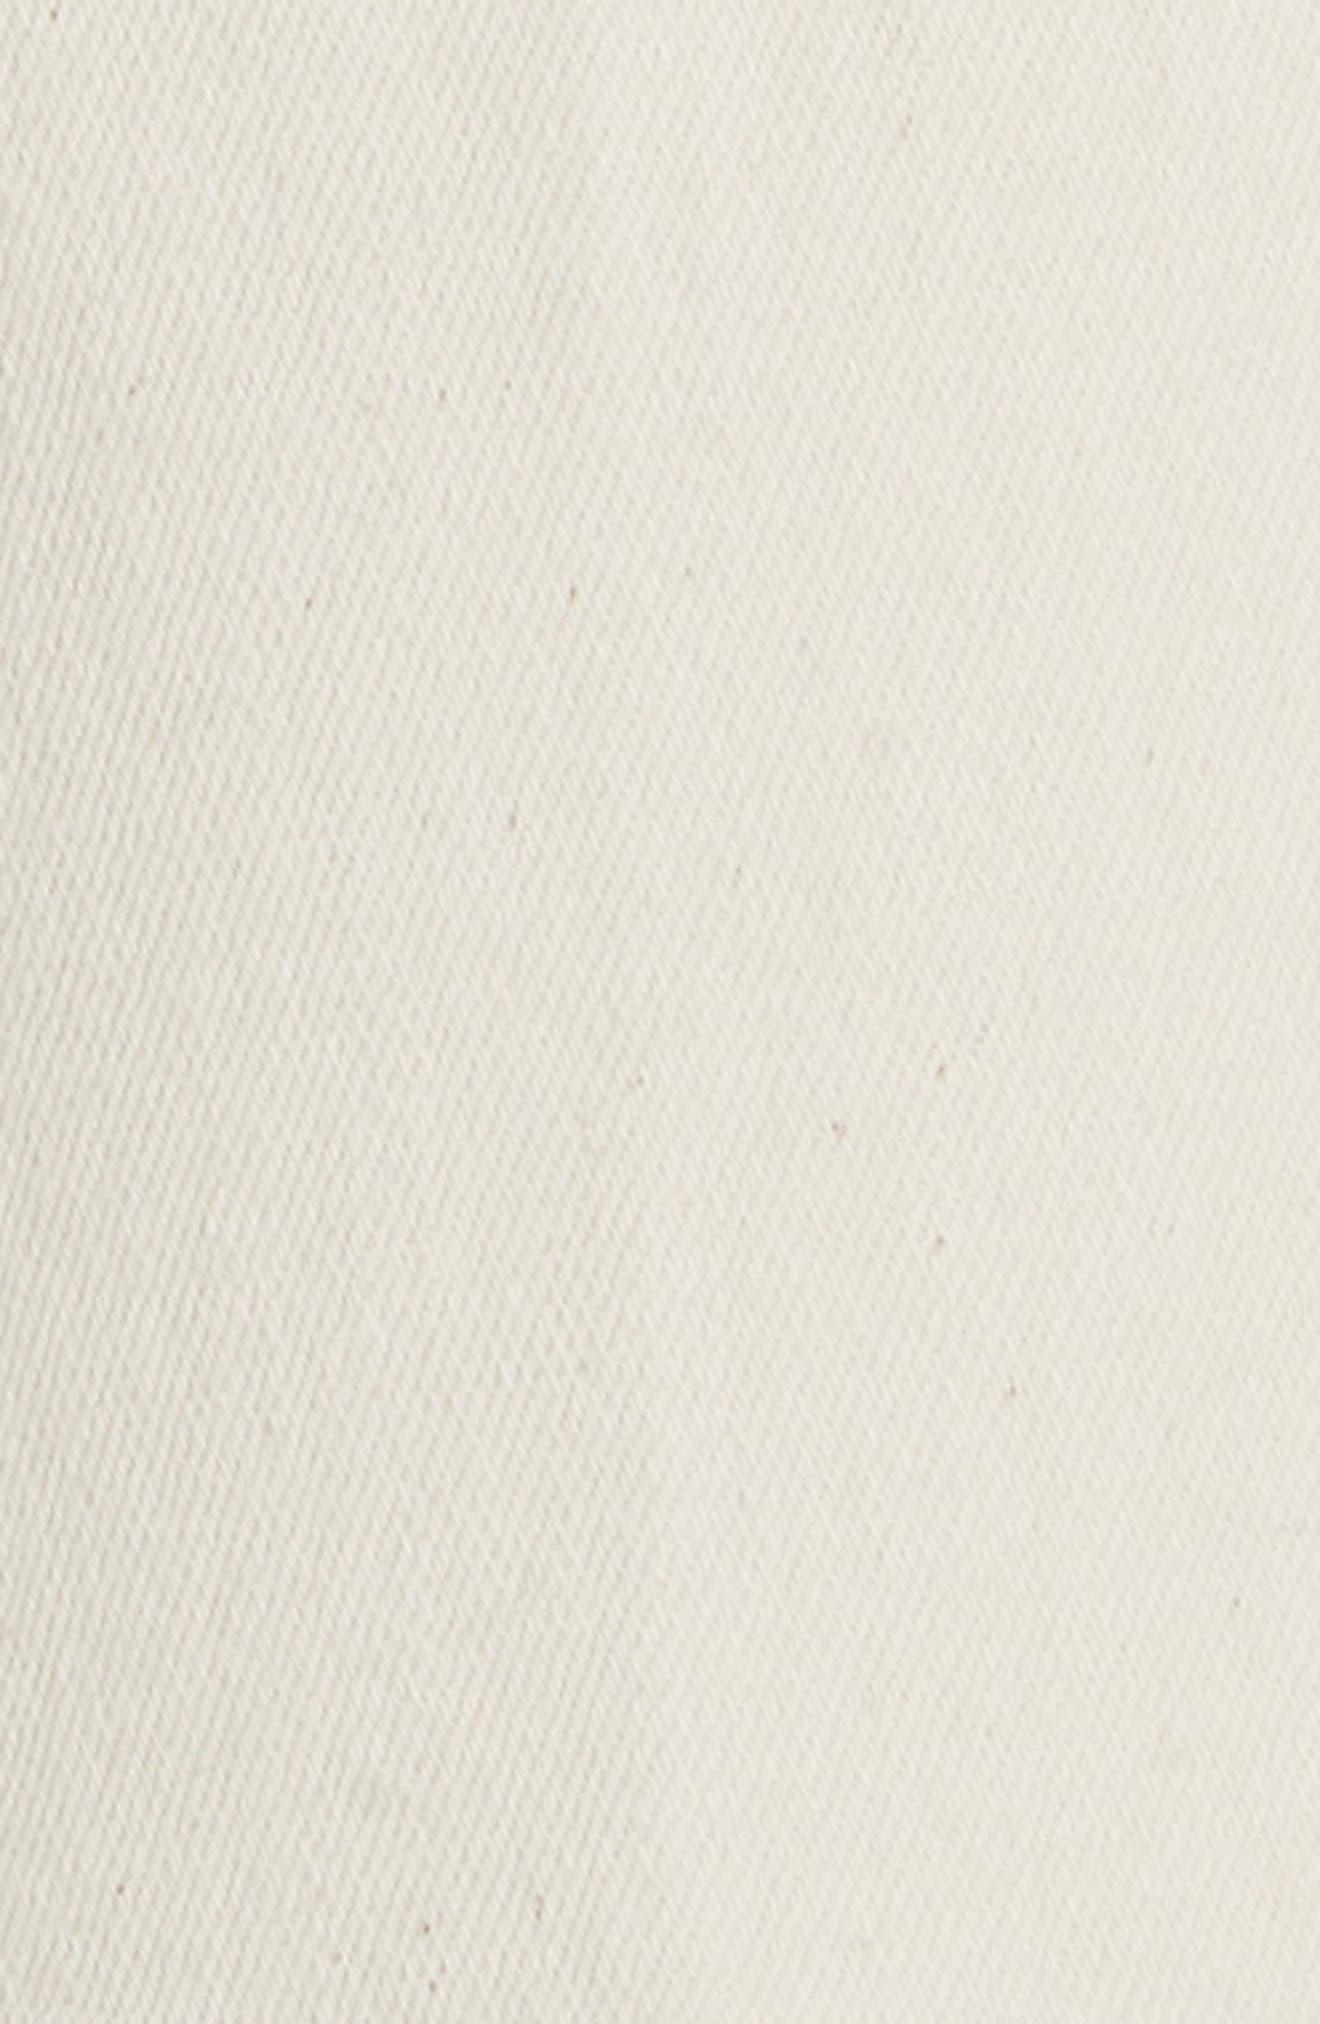 Lana Embellished Hem Jeans,                             Alternate thumbnail 5, color,                             104